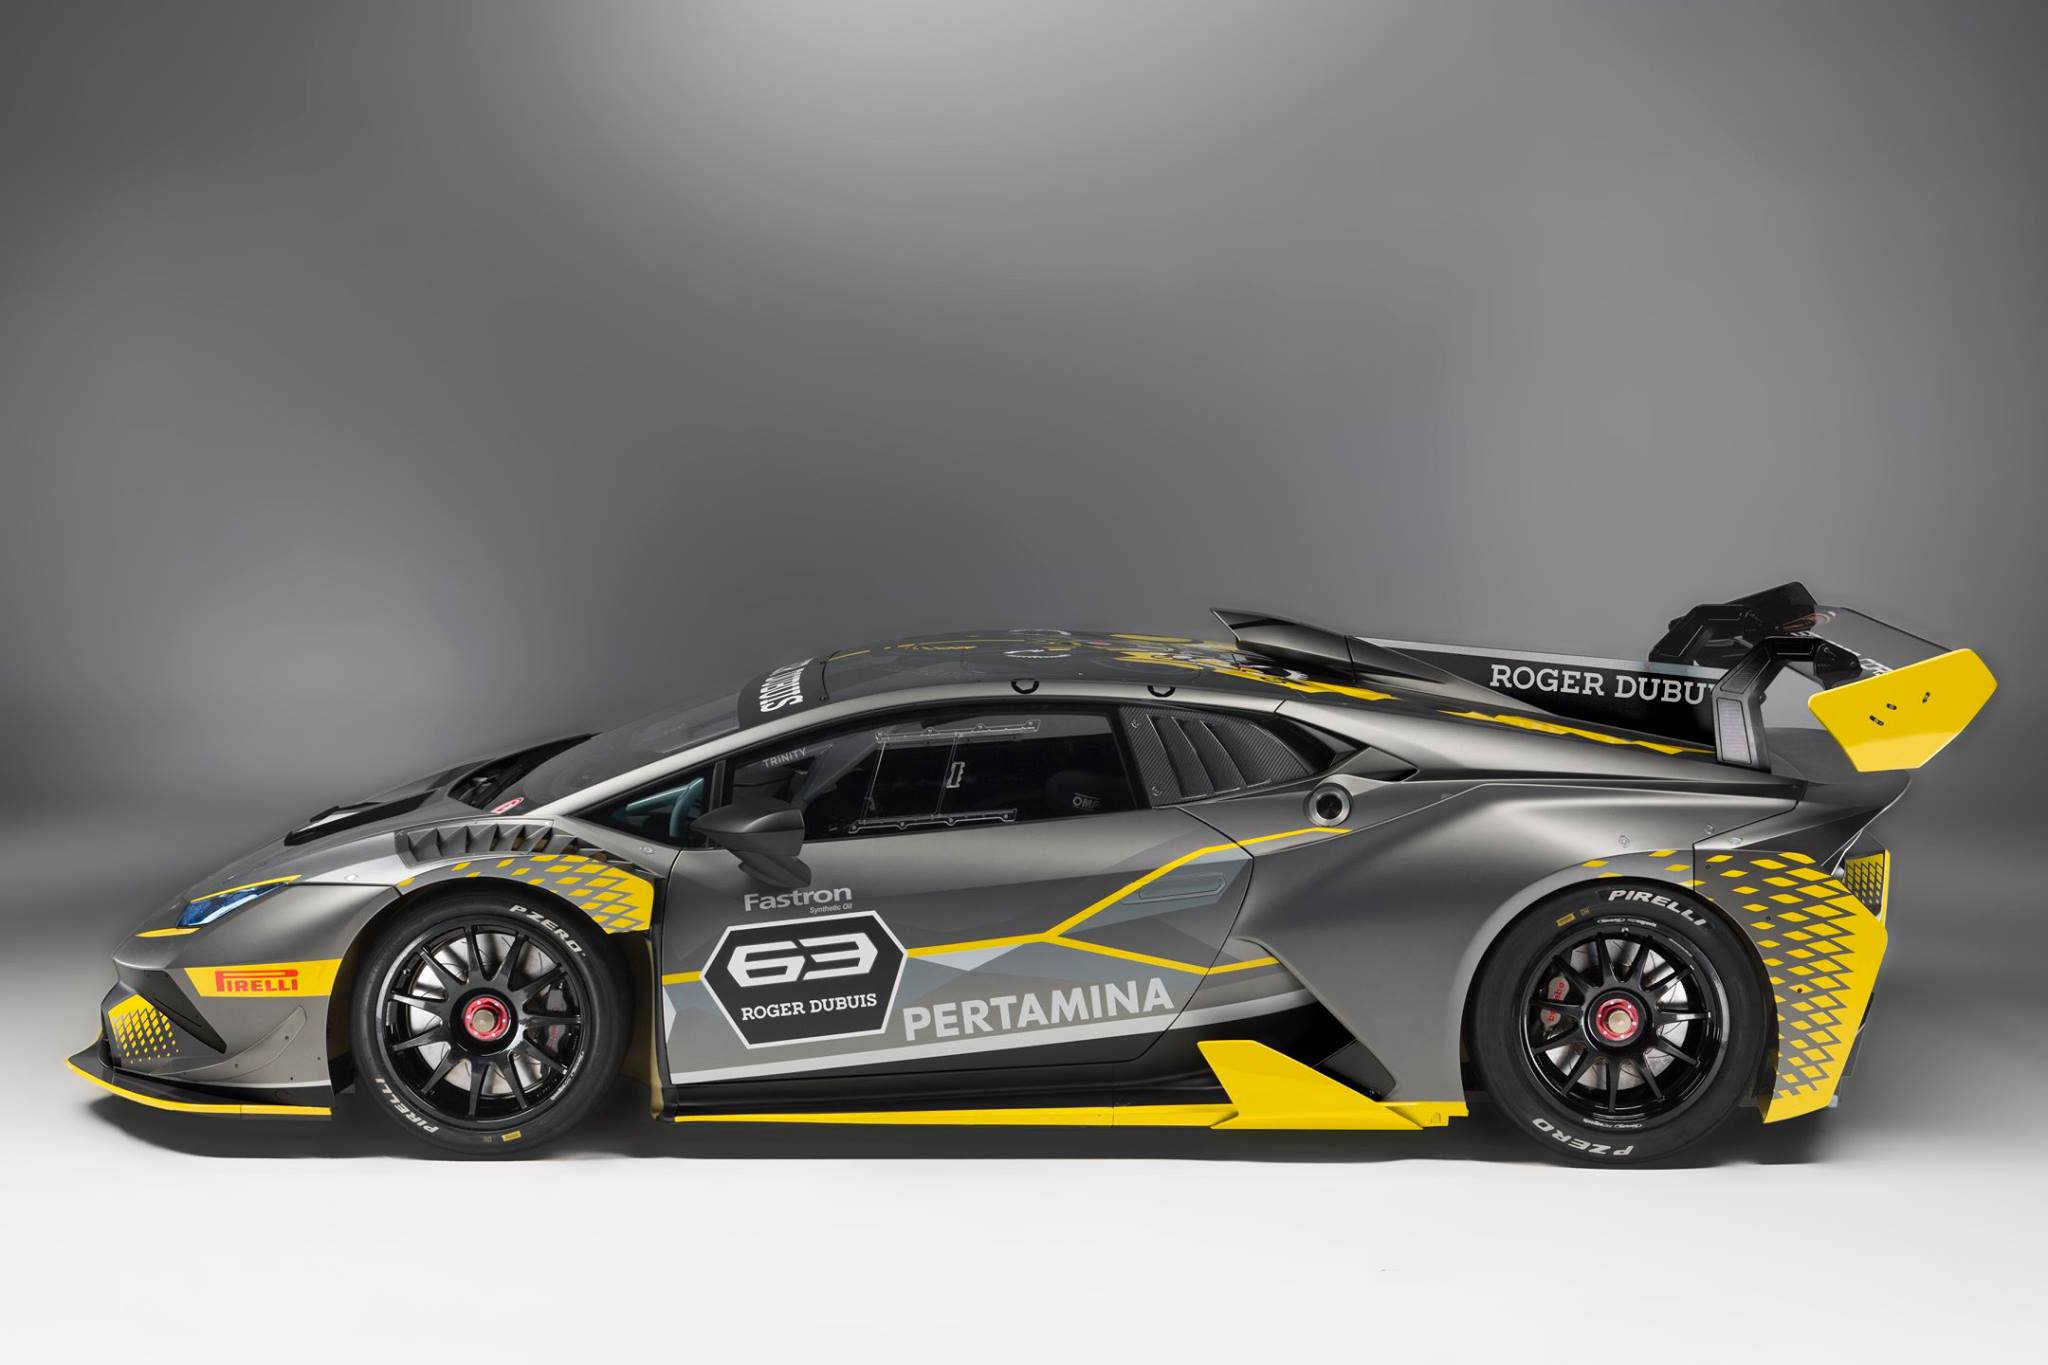 World Premiere Of The Lamborghini Huracan Super Trofeo Evo